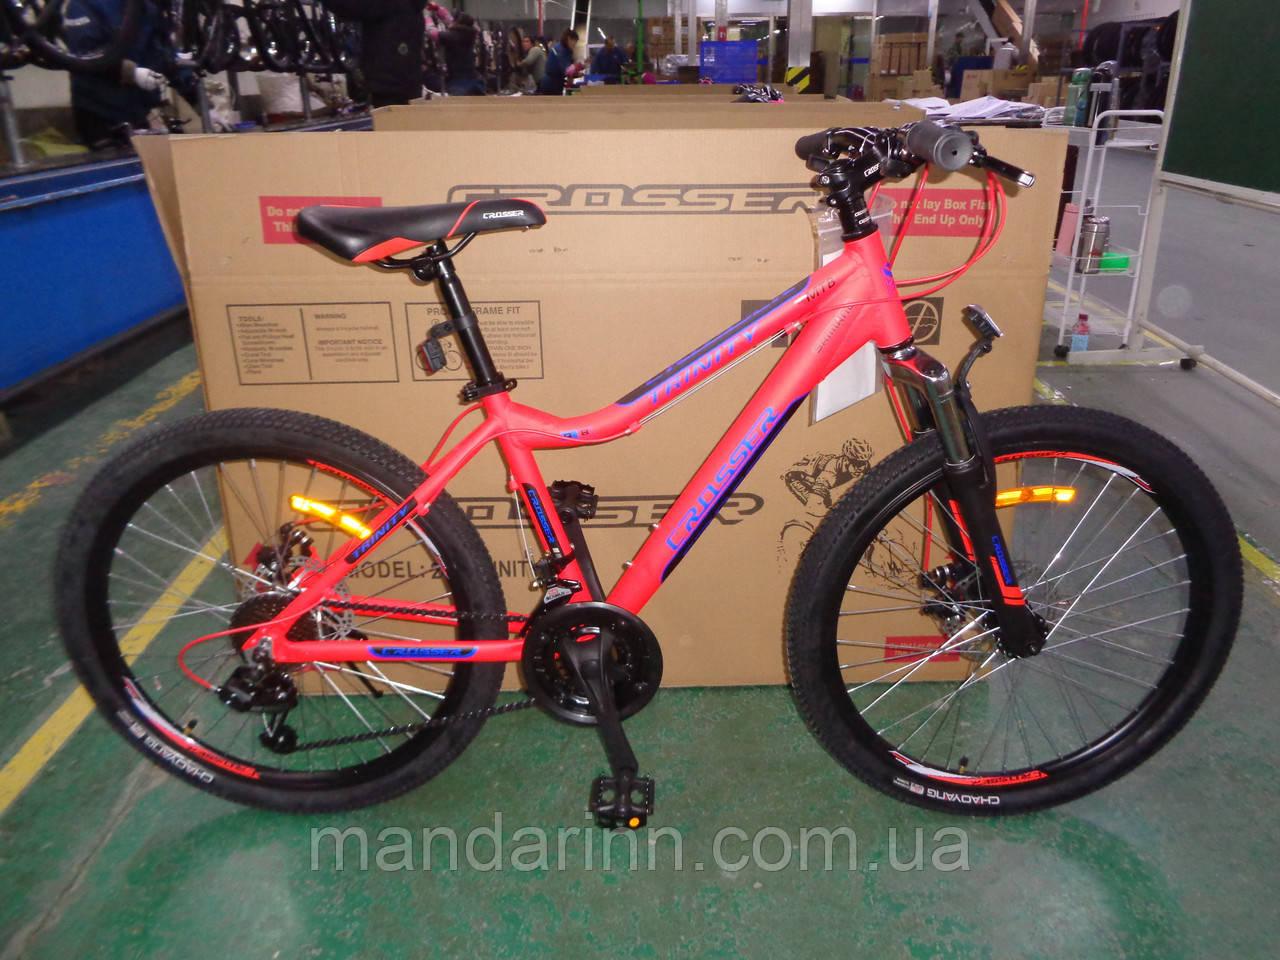 Спортивный Алюминиевый велосипед Crosser Trinity 26 дюймов. Красный.